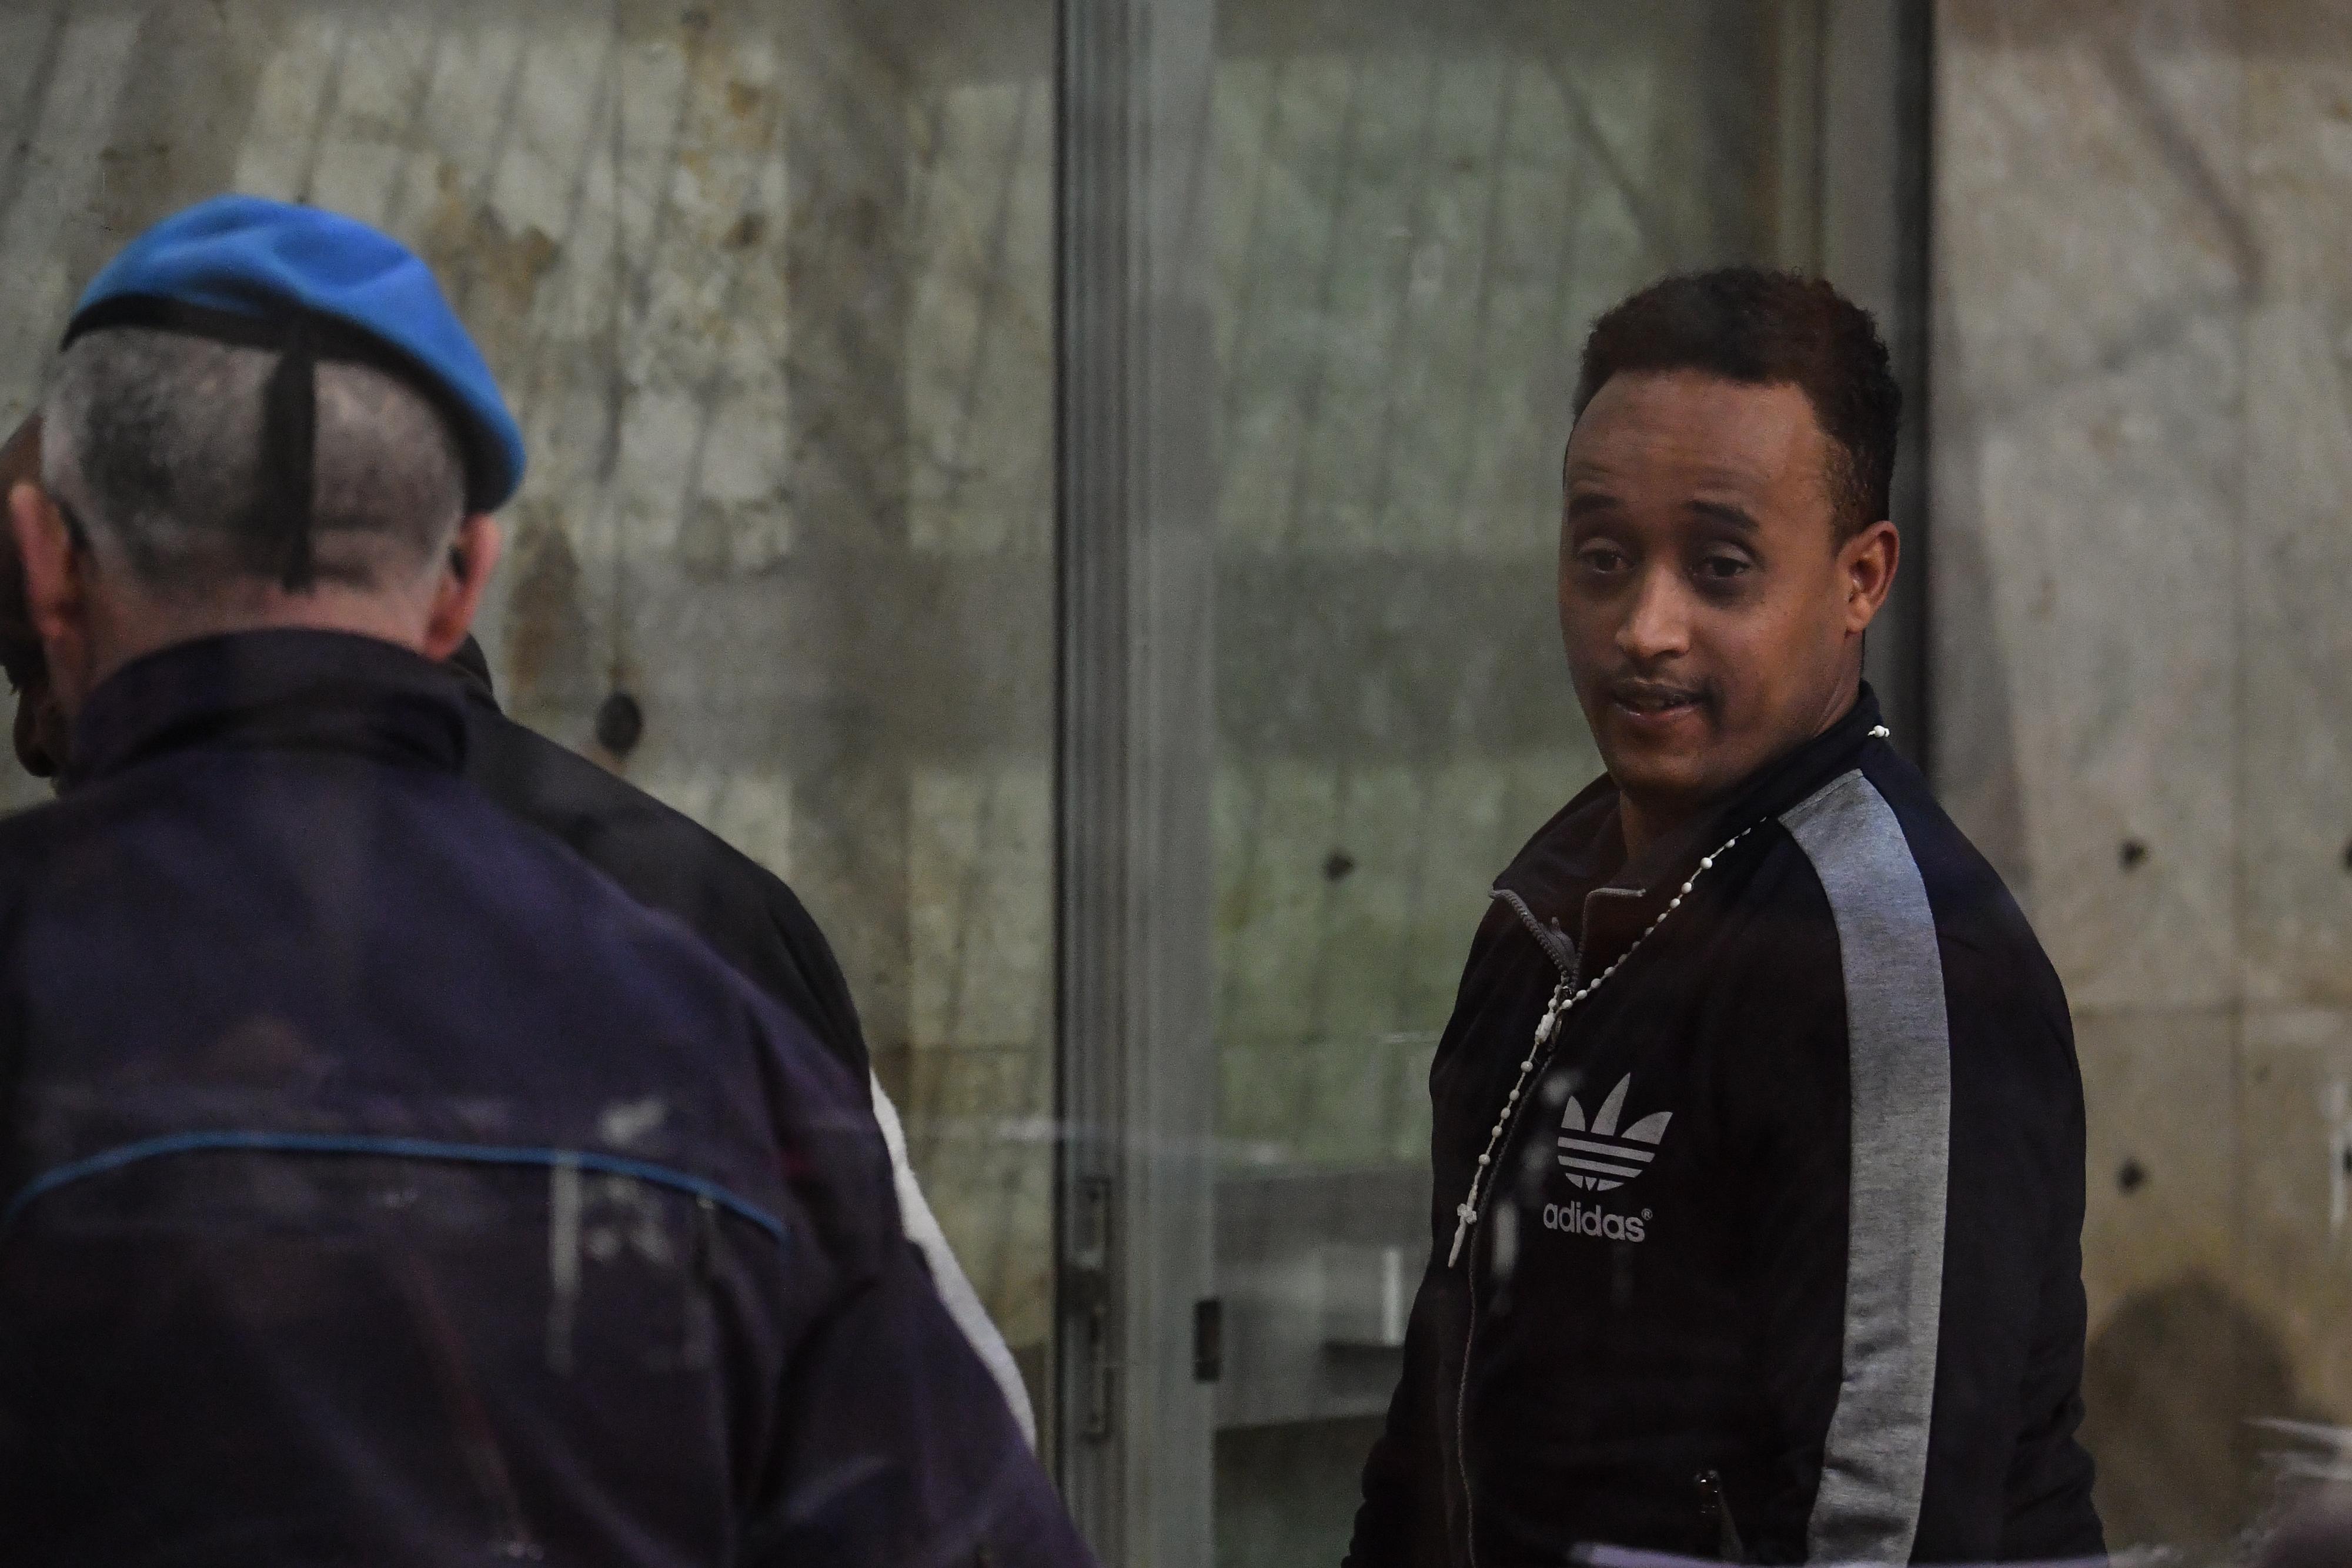 Kiengedték a börtönből az eritreai férfit, akit a világ legkeresettebb embercsempészével tévesztettek össze